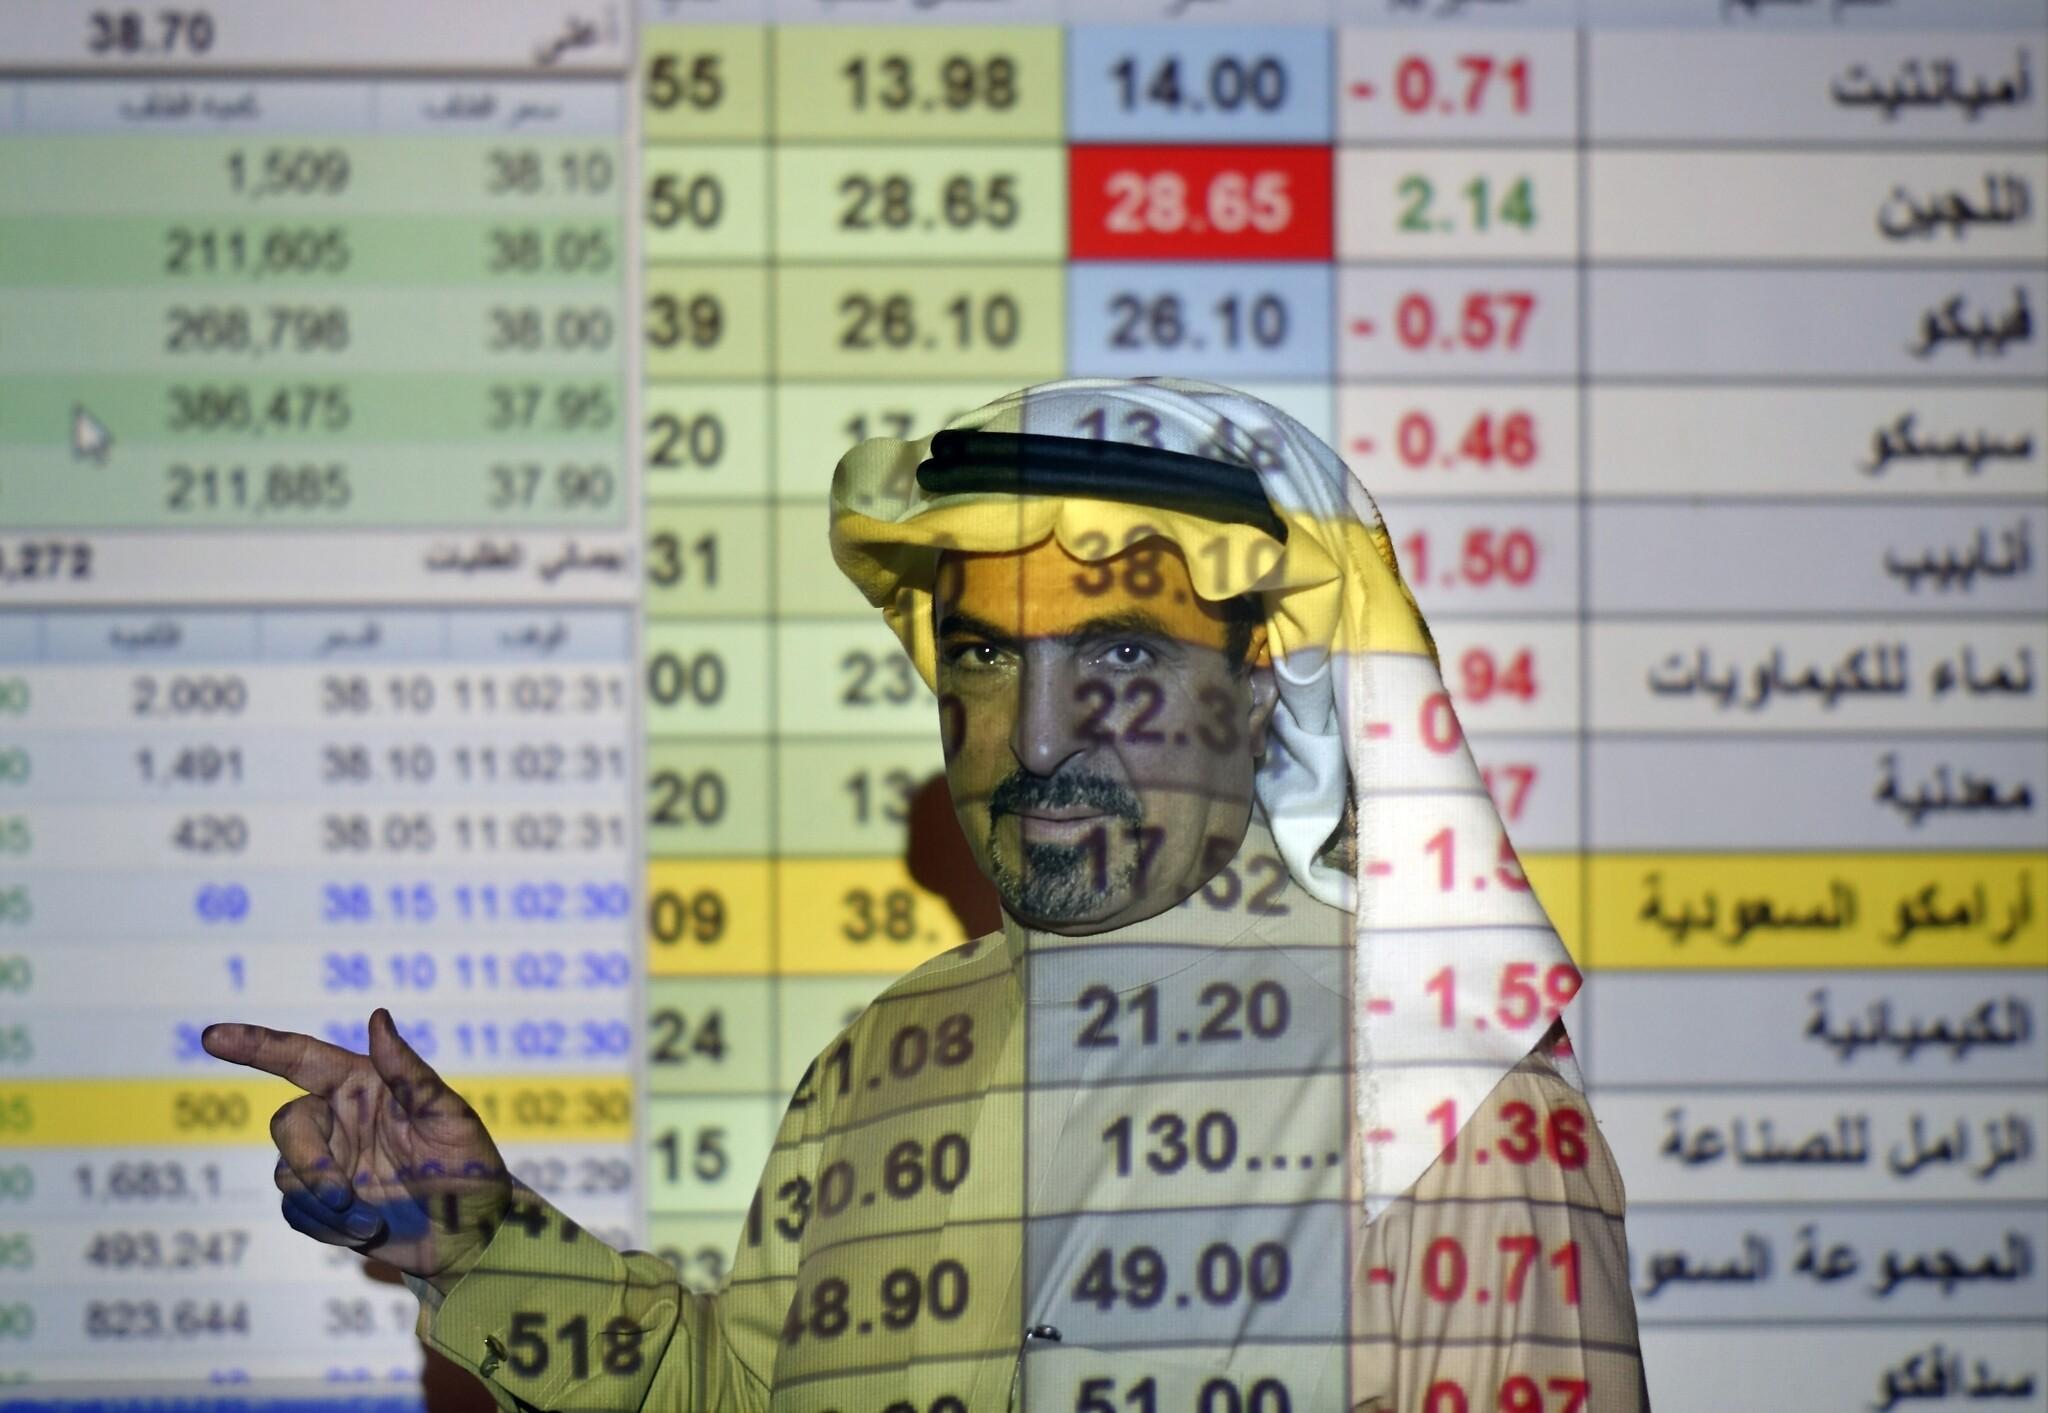 """التحليل الفني : مؤشر سوق الأسهم السعودي """"تاسي"""" على وشك اختبار مستوى مقاومة محوري"""